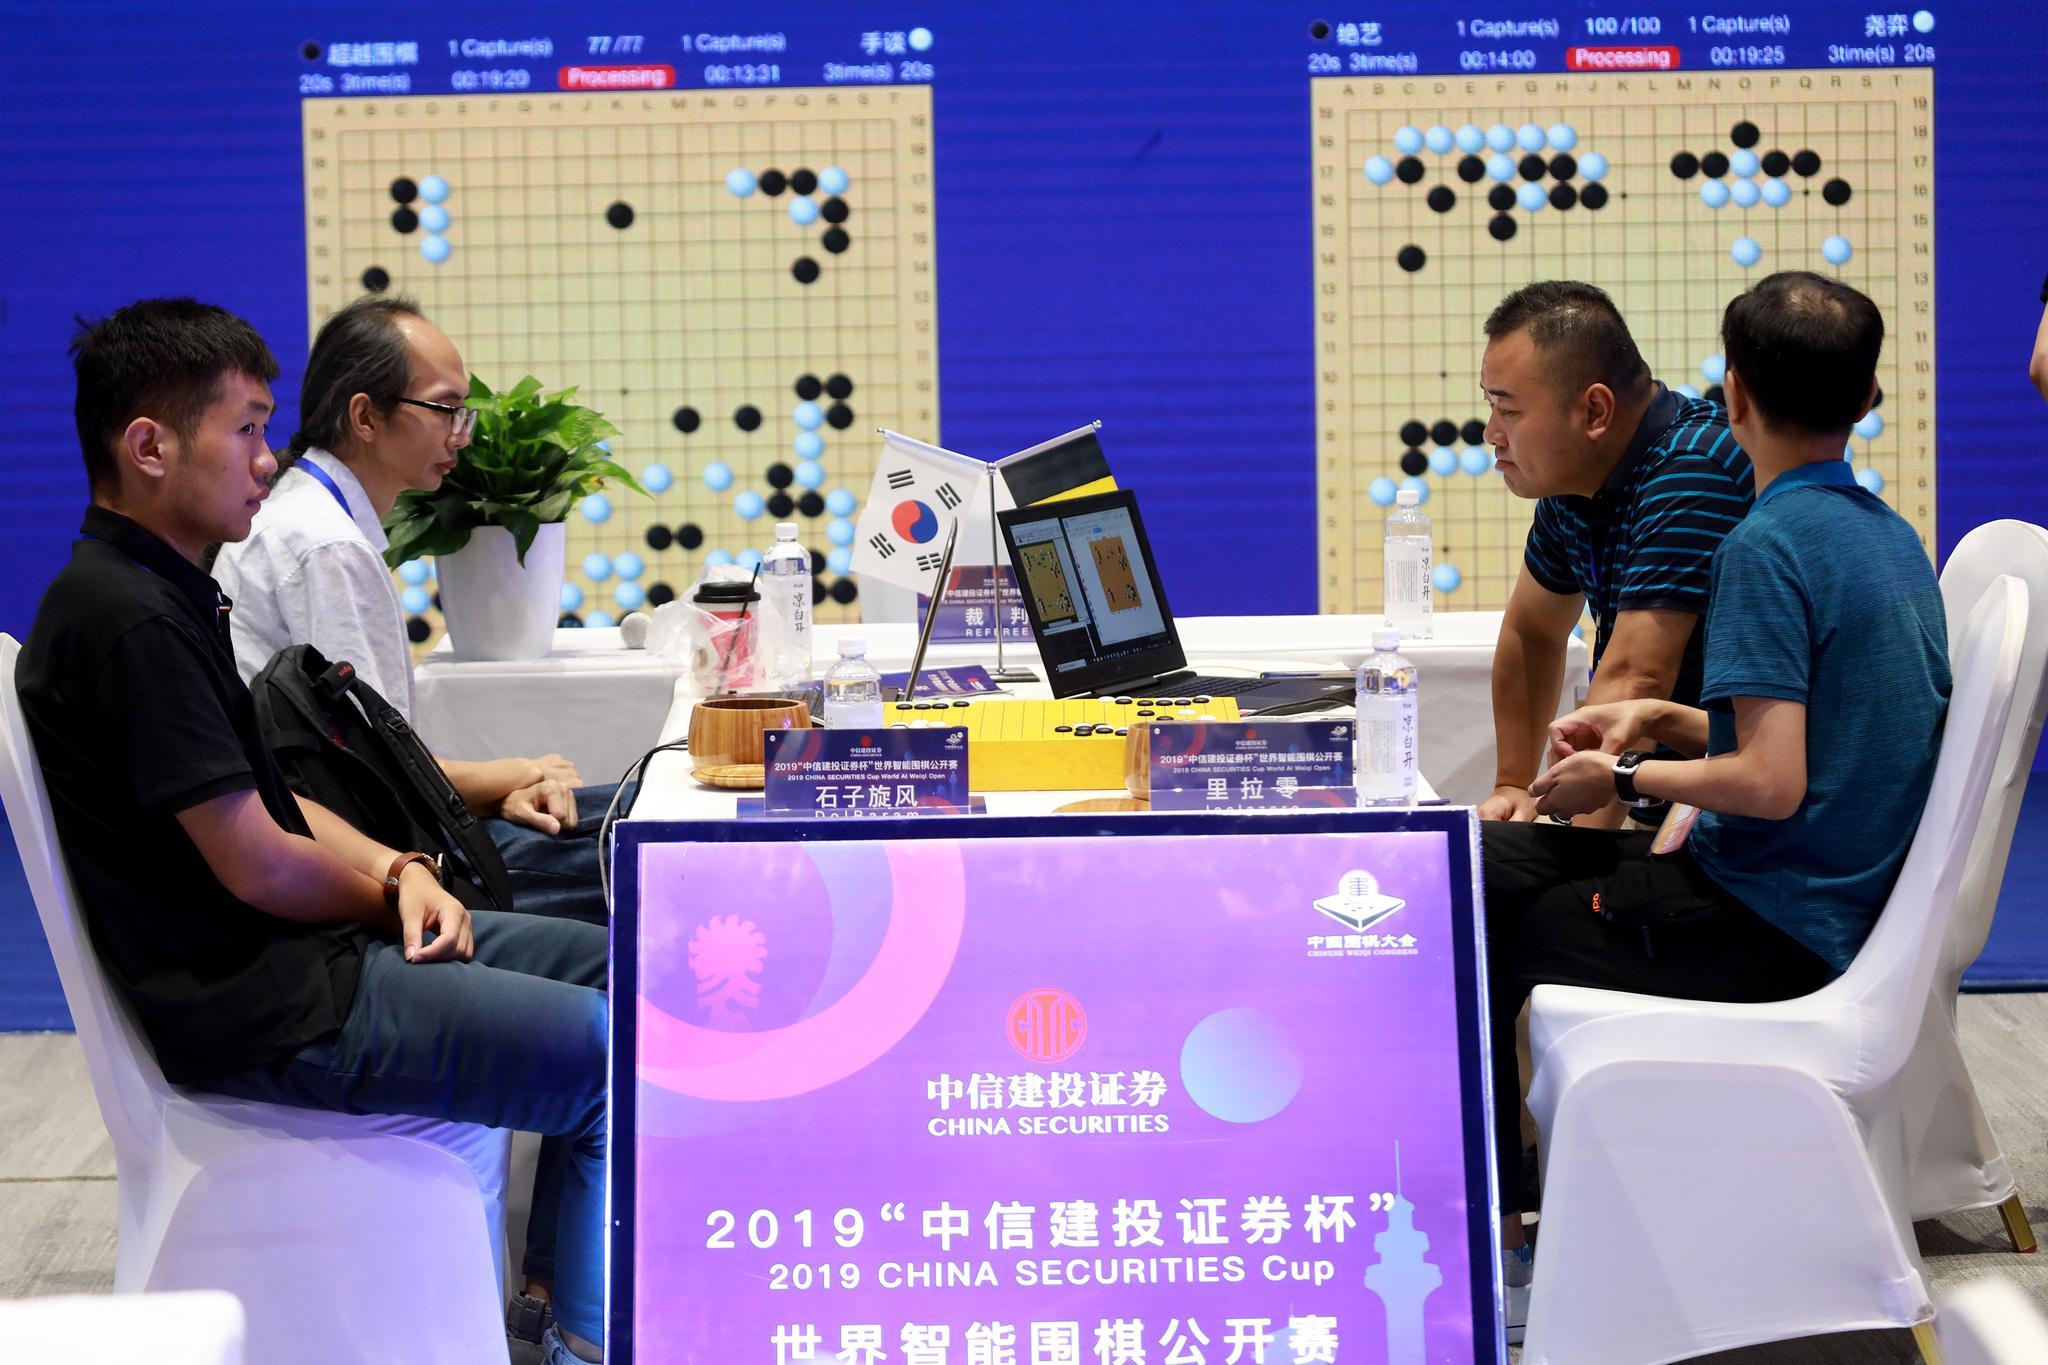 高清-智能围棋公开赛第二轮